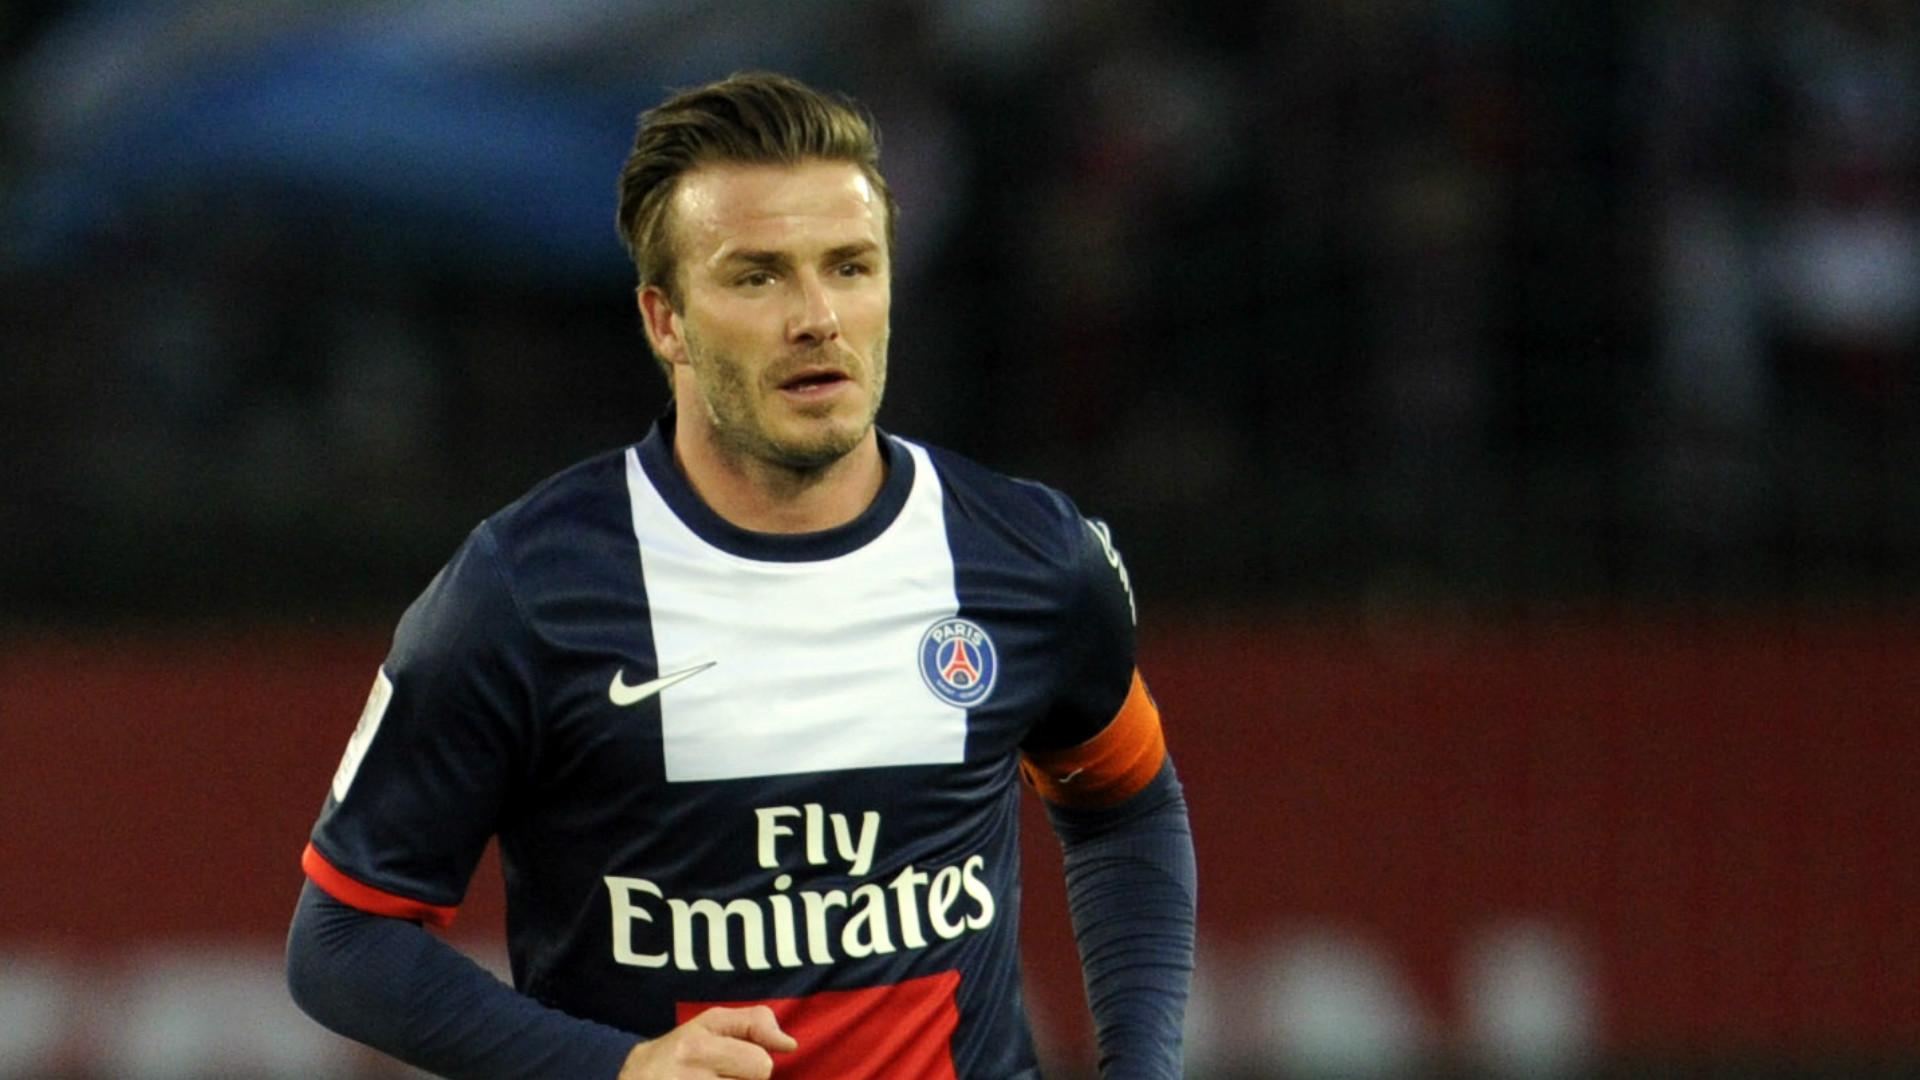 La promesse de Neymar (PSG) à Beckham